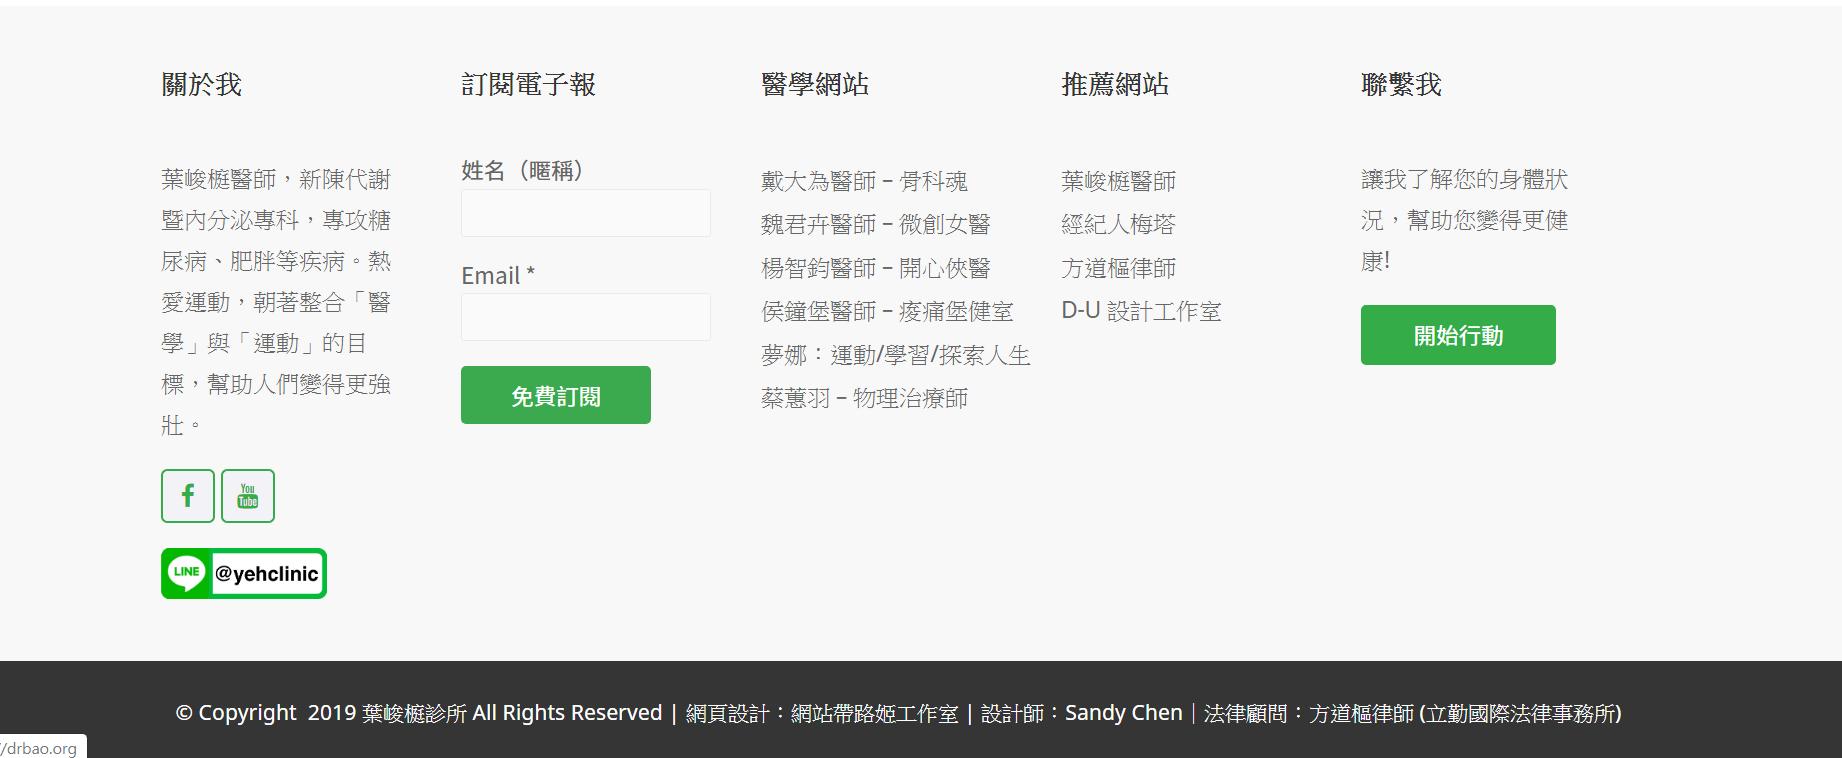 葉醫師網站-頁尾